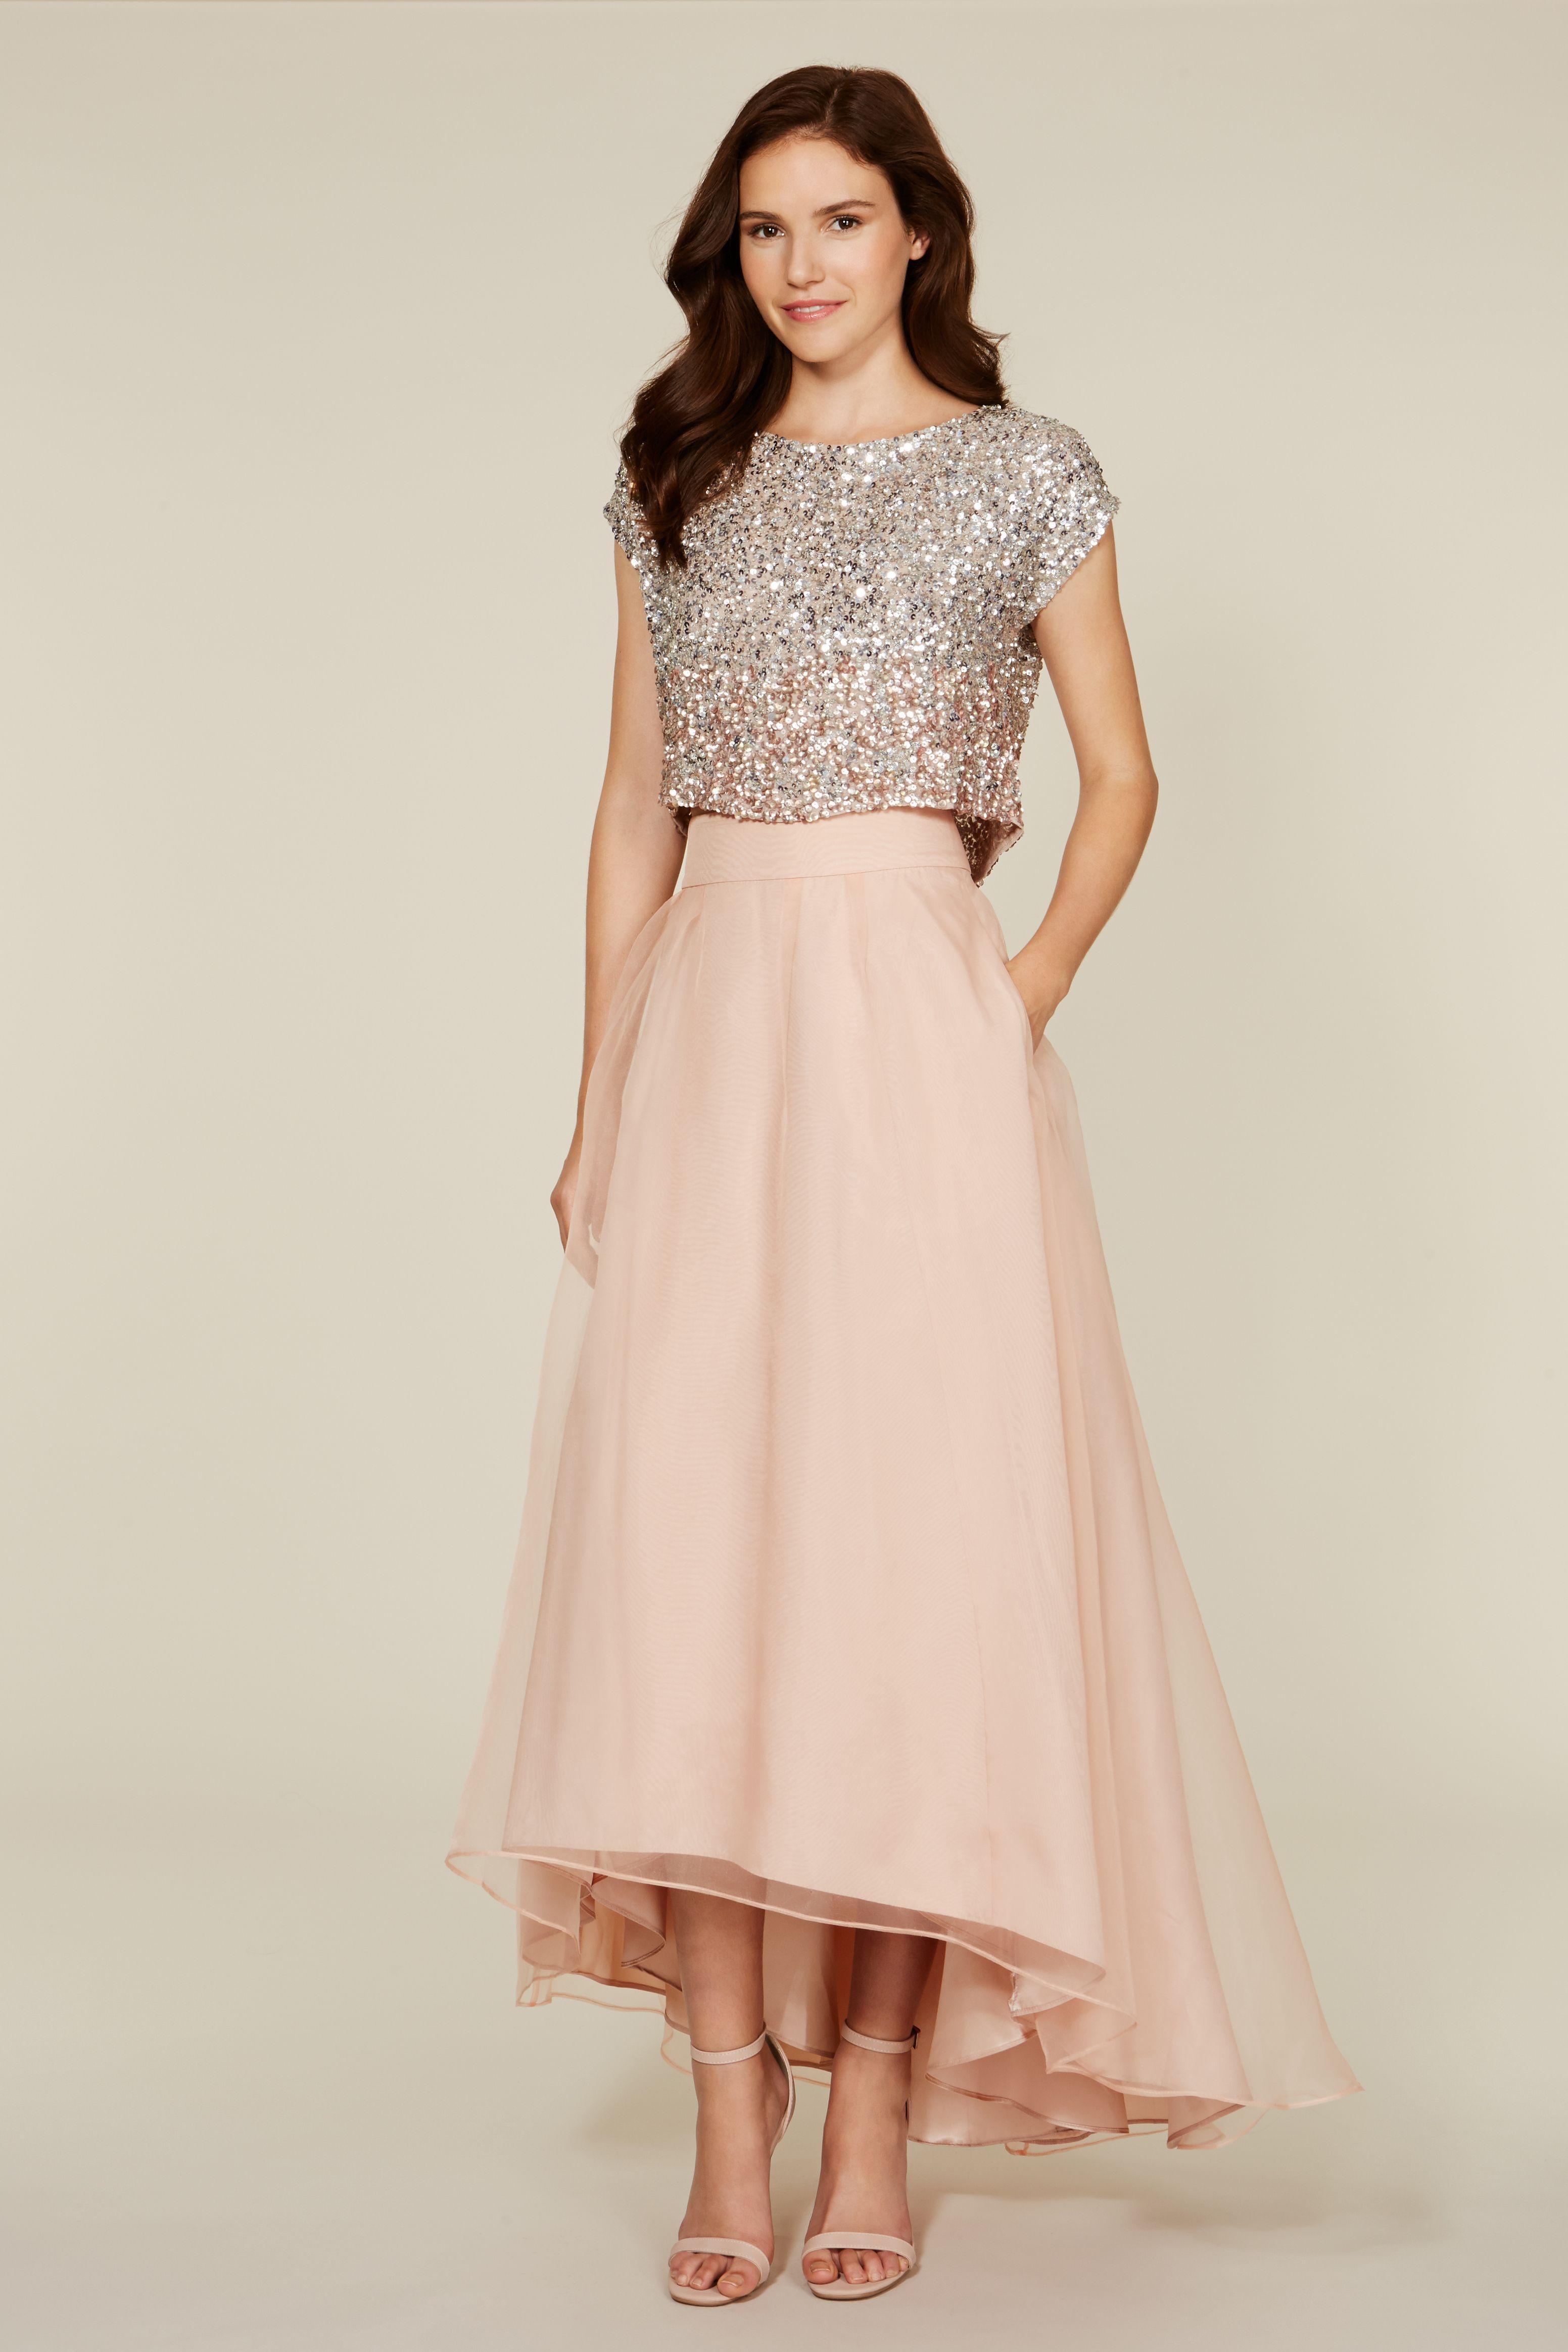 Elegante Kleider Fur Hochzeitsfeier Damen Kleider Desigual